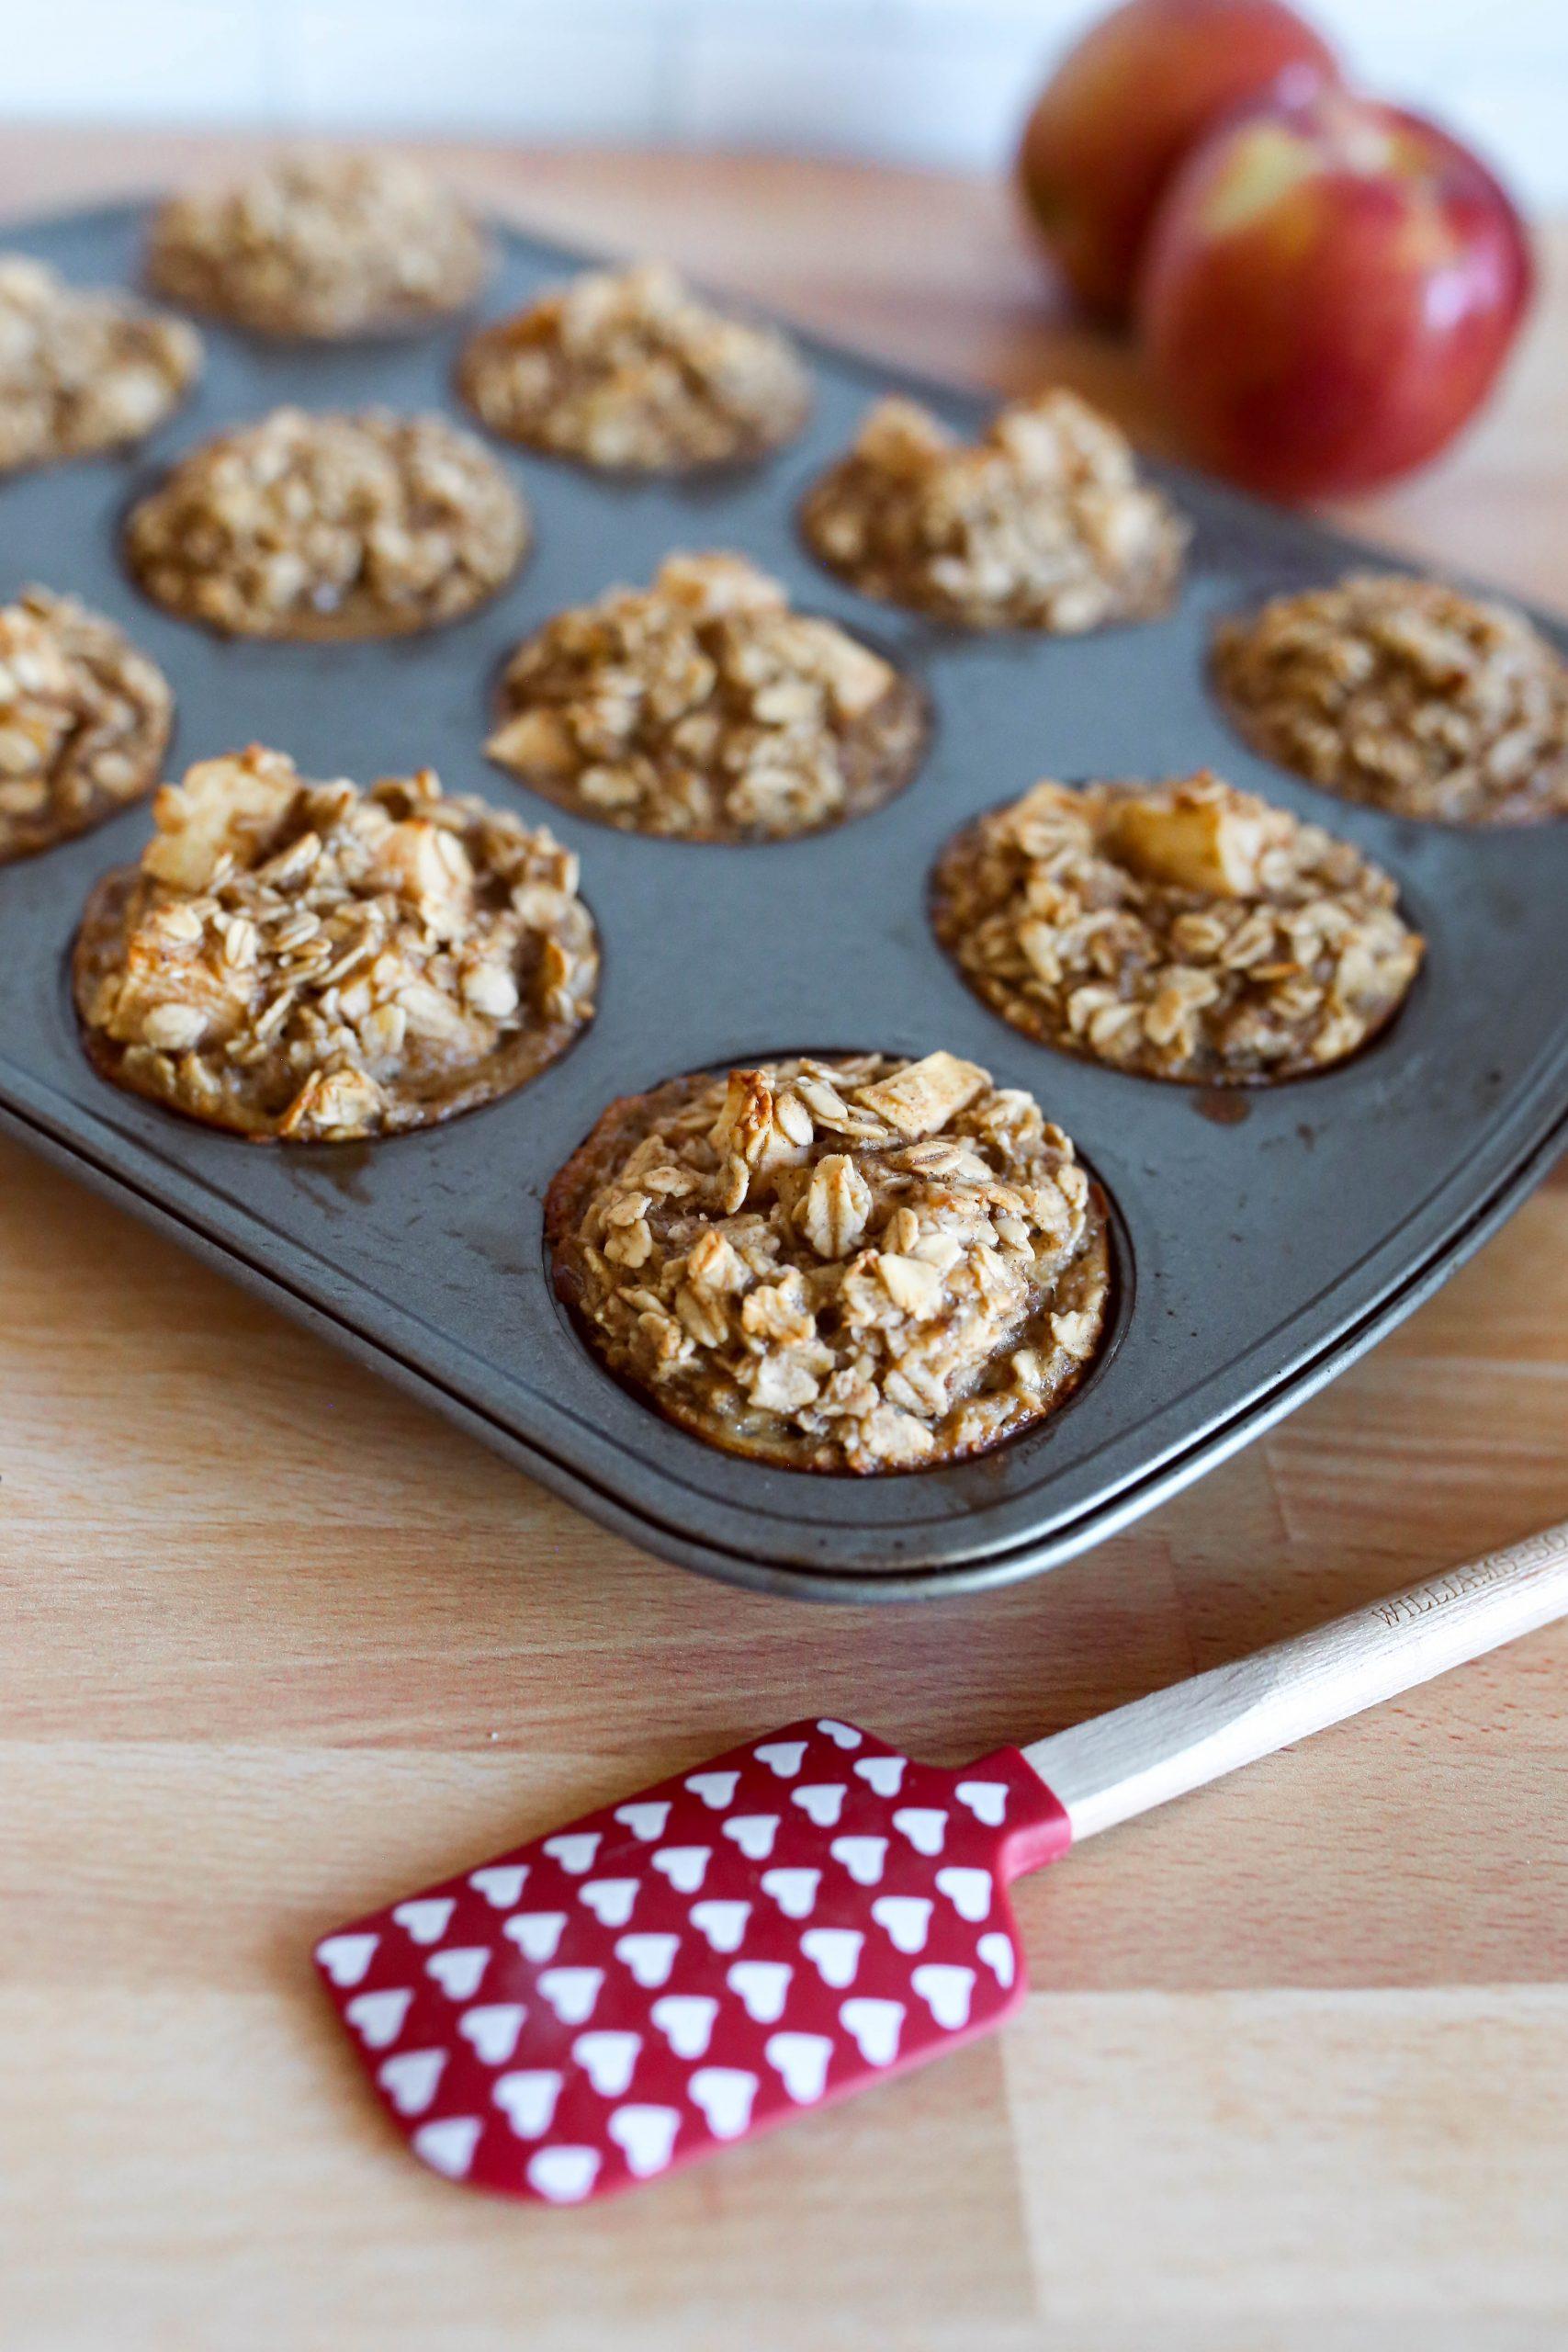 bake oatmeal recipes